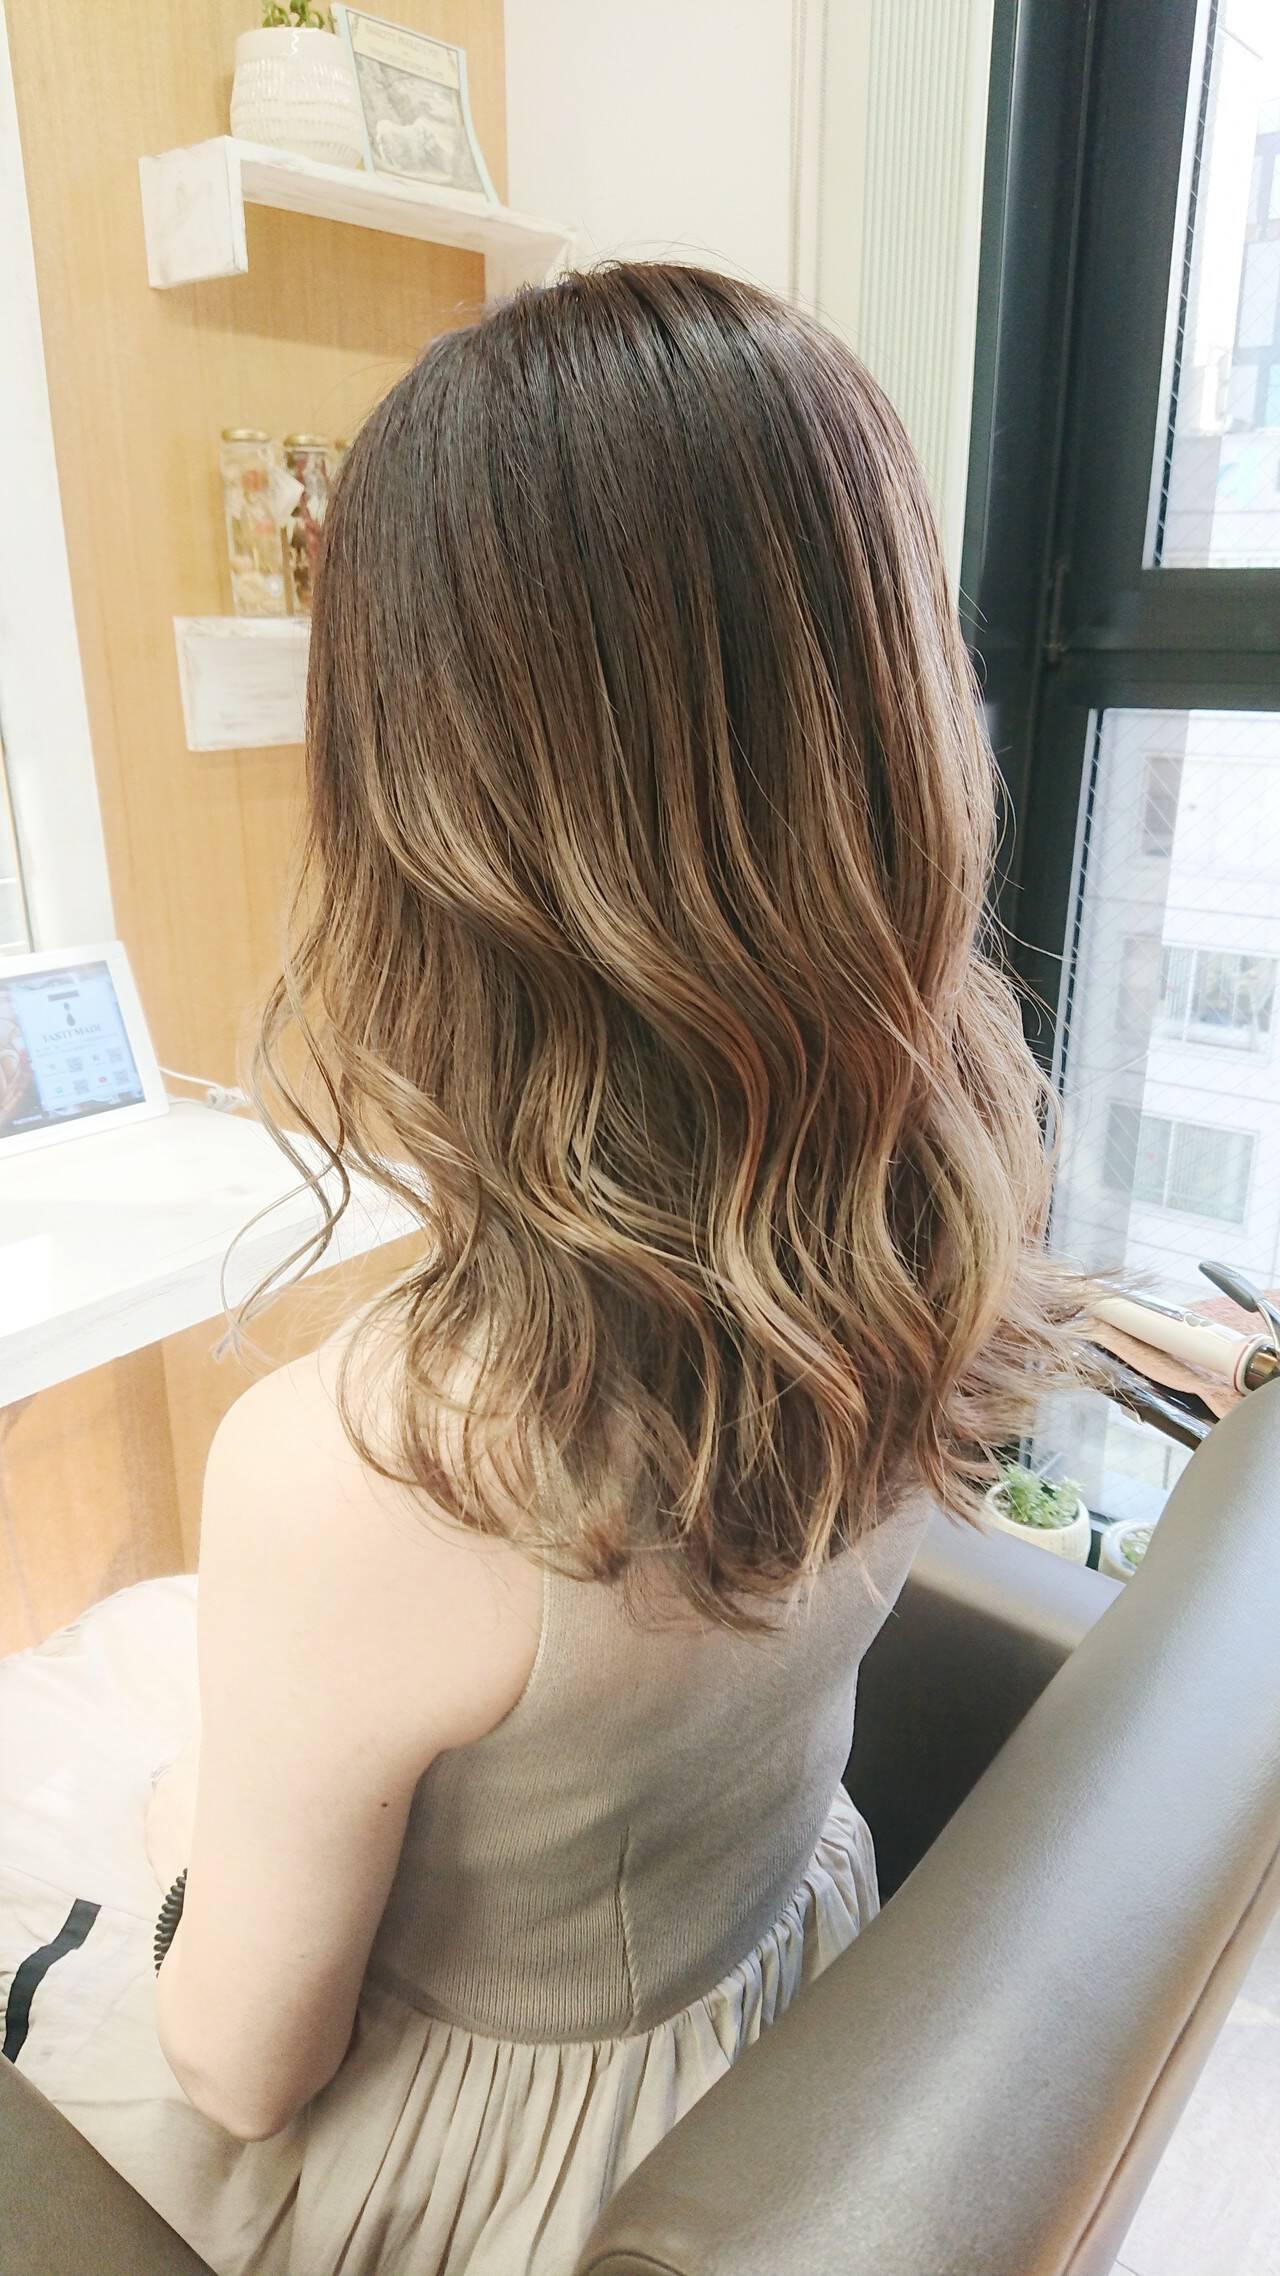 イルミナカラー 韓国風ヘアー エレガント TOKIOトリートメントヘアスタイルや髪型の写真・画像